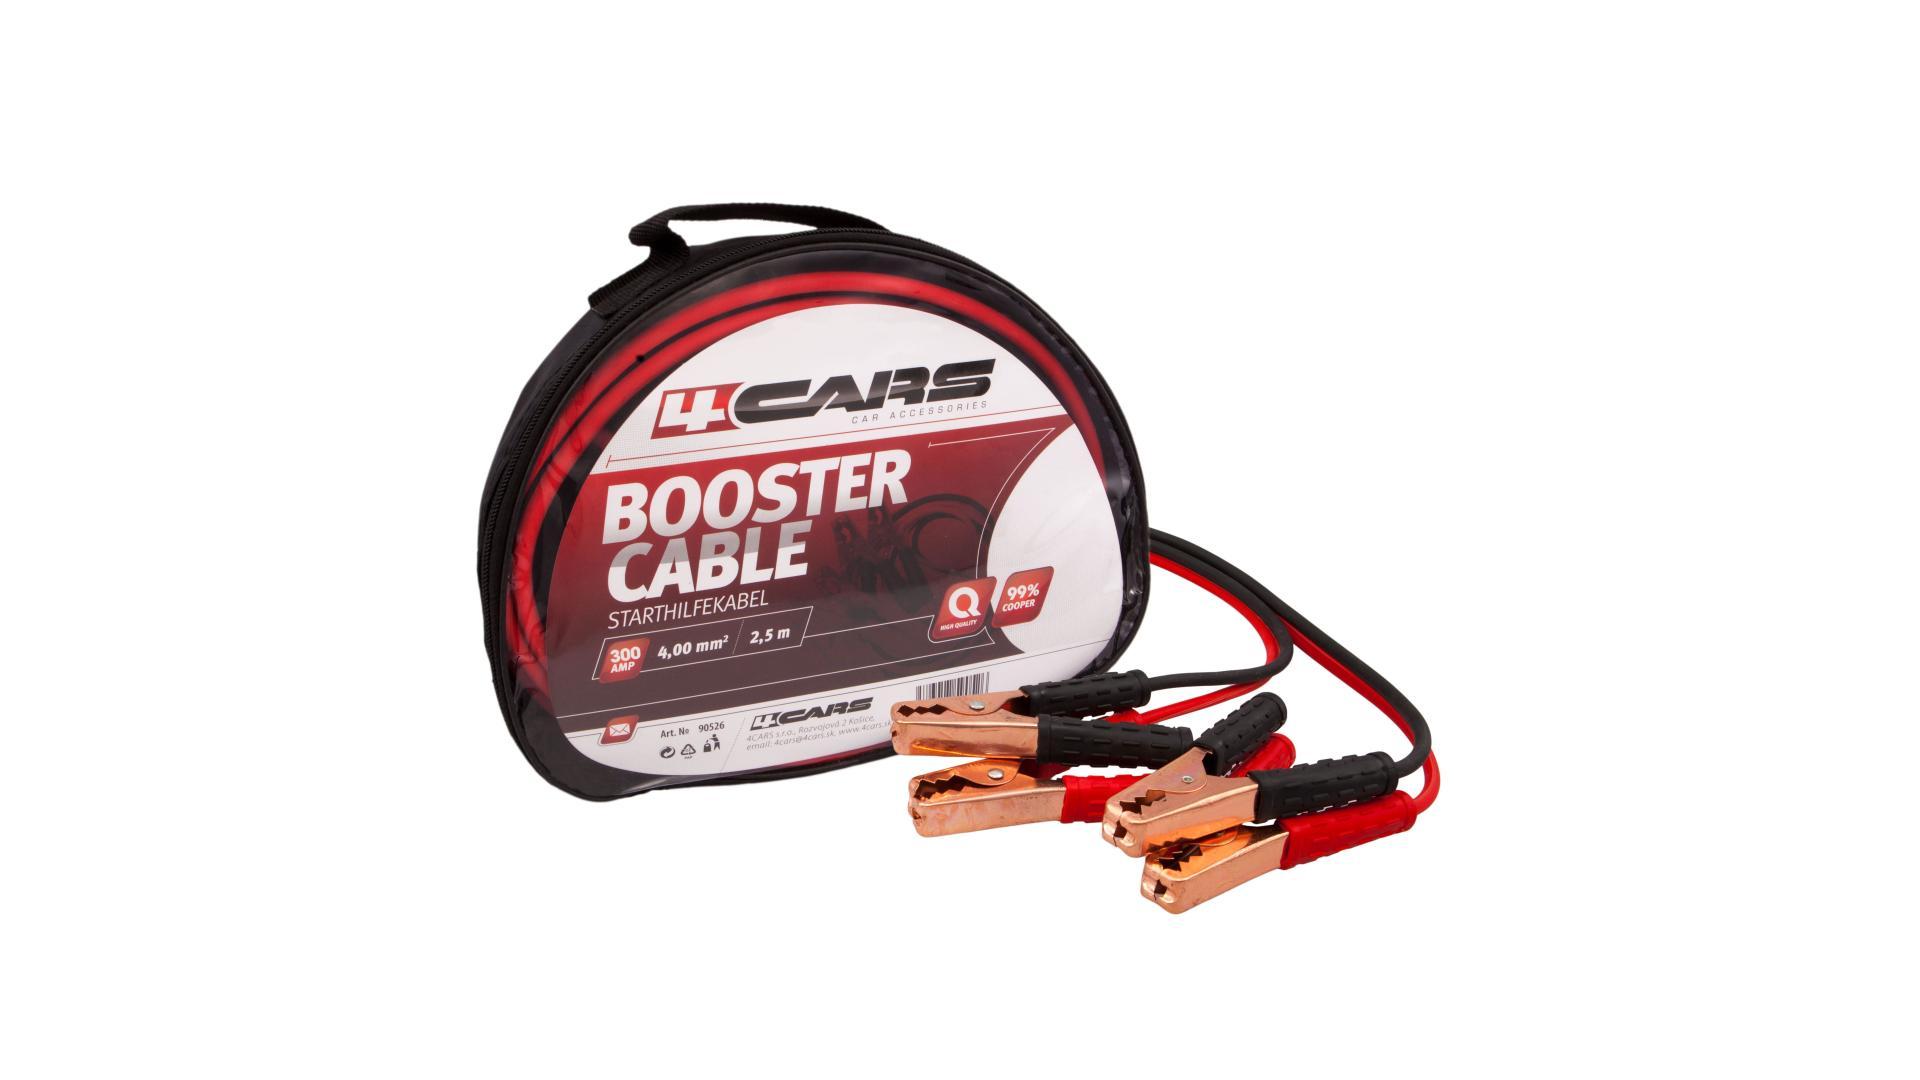 4CARS Startovací kabely 300amp, 4.0mm², 2.5m